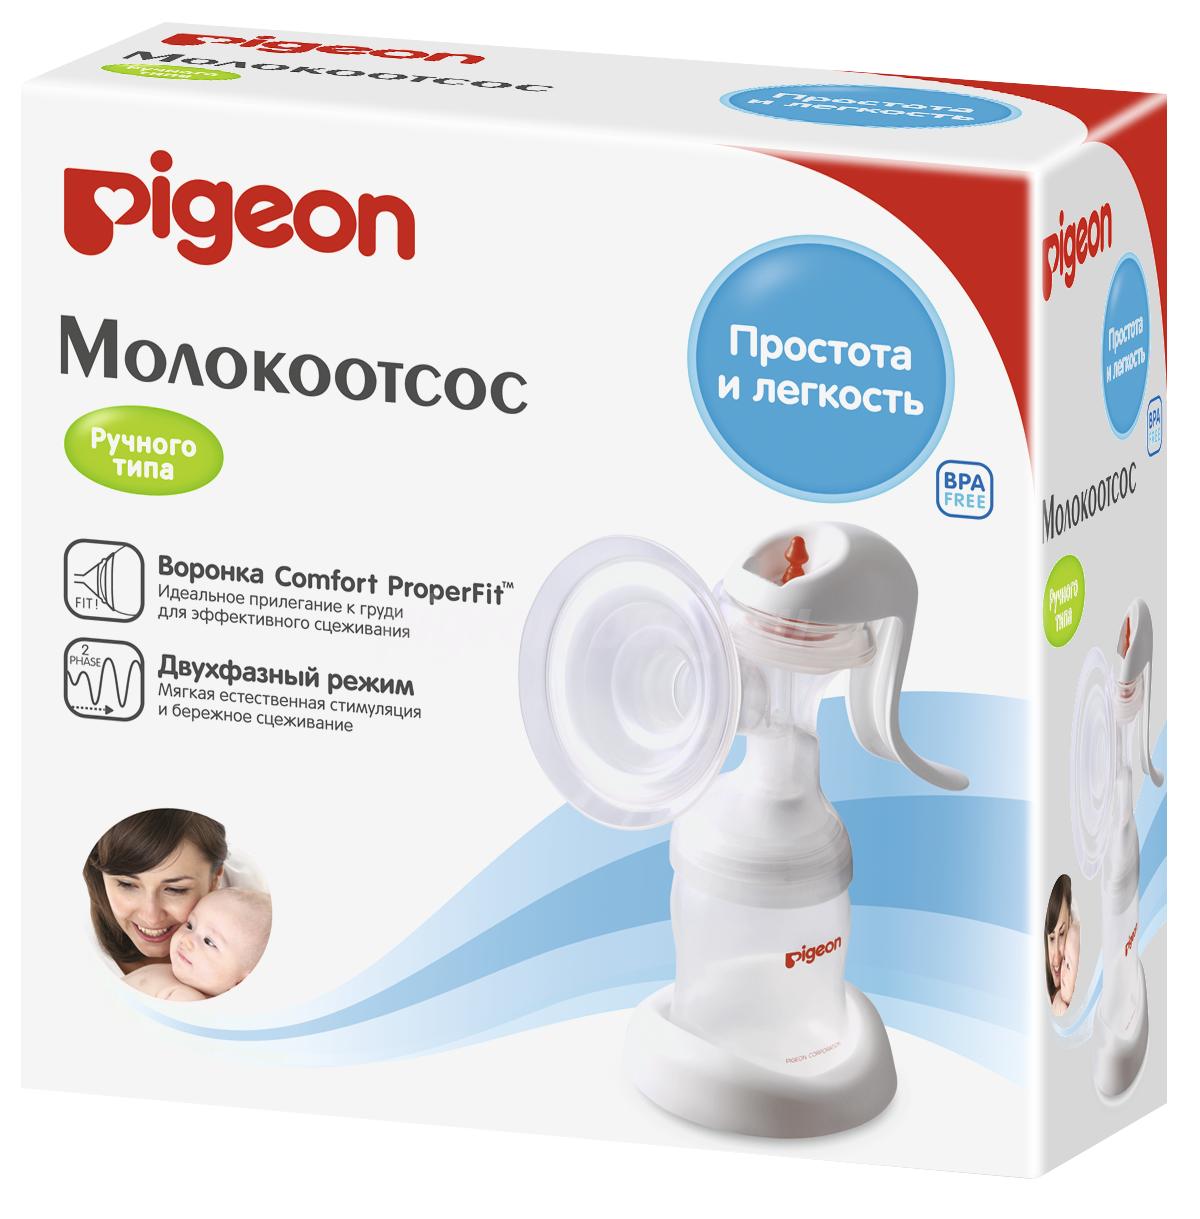 Pigeon Молокоотсос ручного типа в комплекте с бутылочкой 160 мл и соской размера S для новорожденных, 2-х фазный